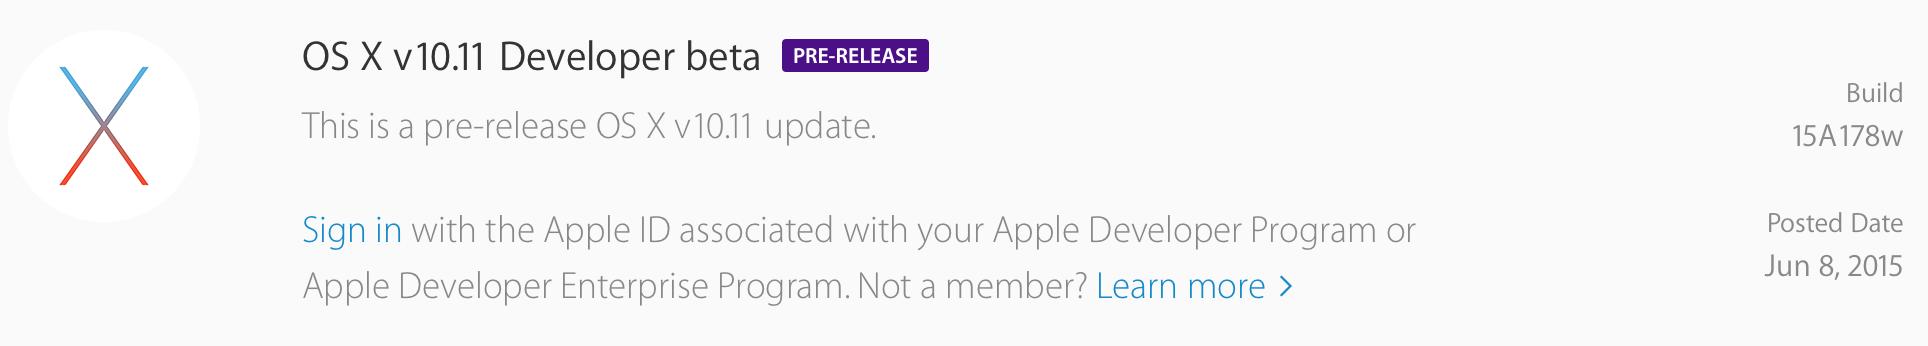 OS X Beta-Release-bildschirmfoto-2015-06-08-um-22.02.40.png